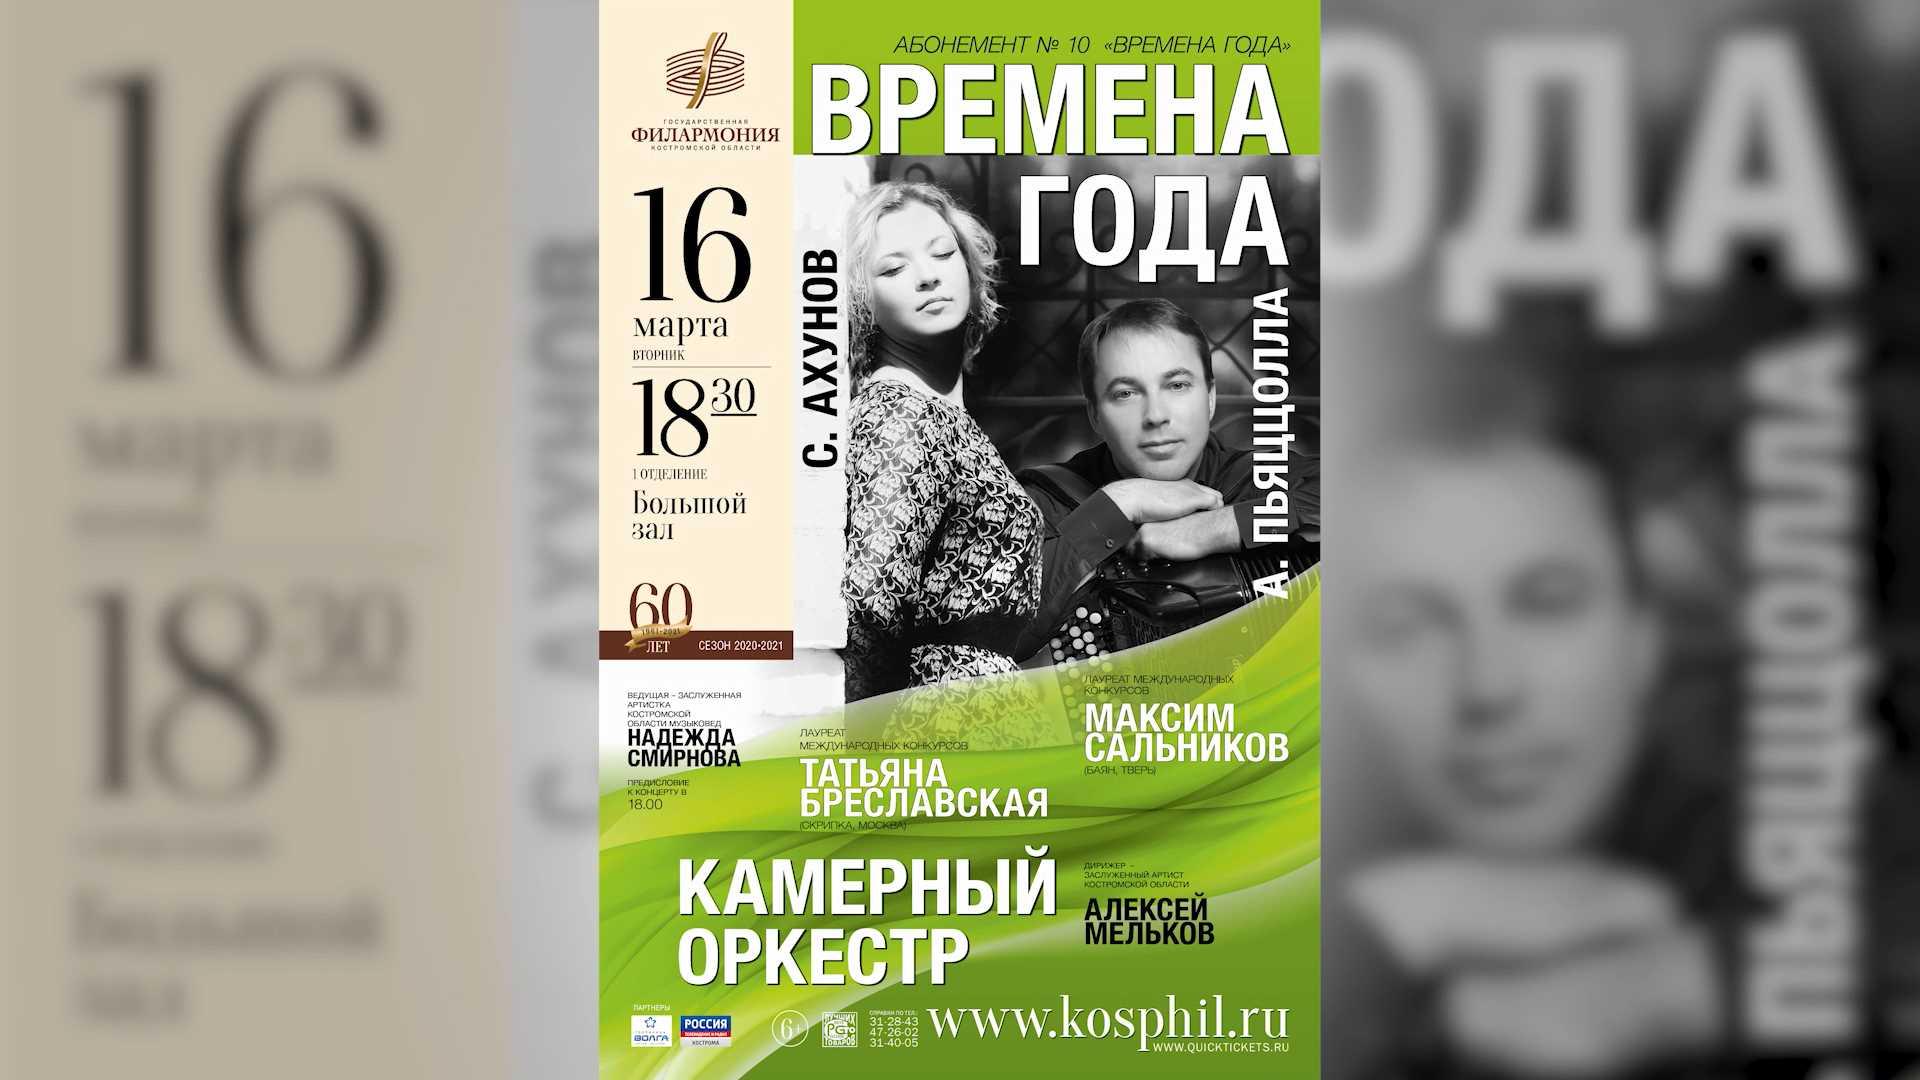 Две версии «Времен года» прозвучат в Костроме